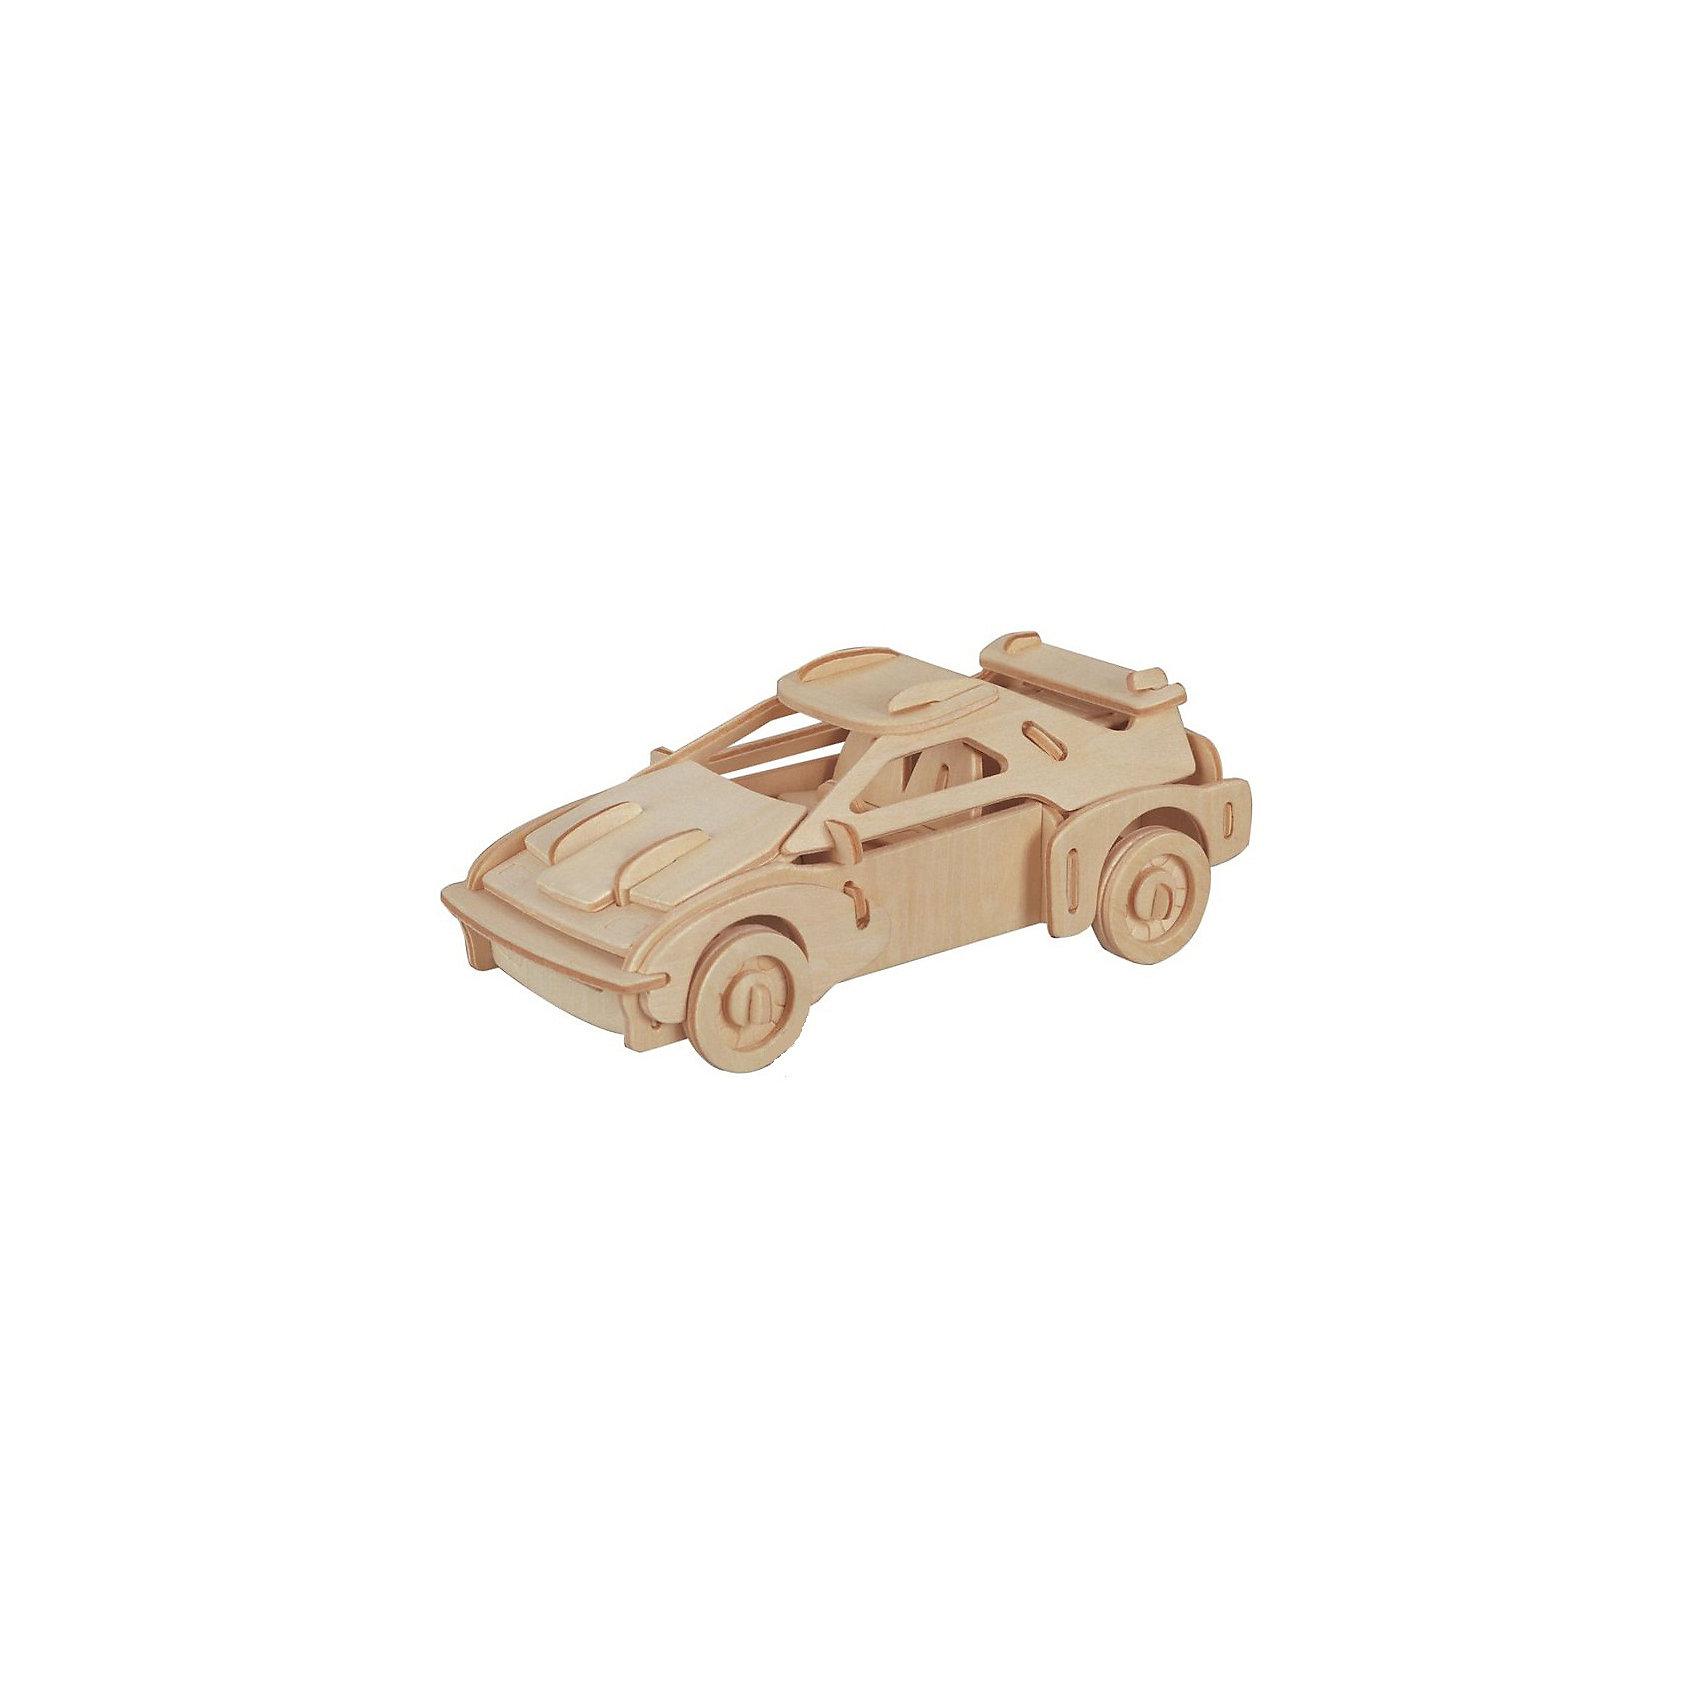 МДИ Феррари (мал.), Мир деревянных игрушек игрушка мир деревянных игрушек лабиринт слон д345